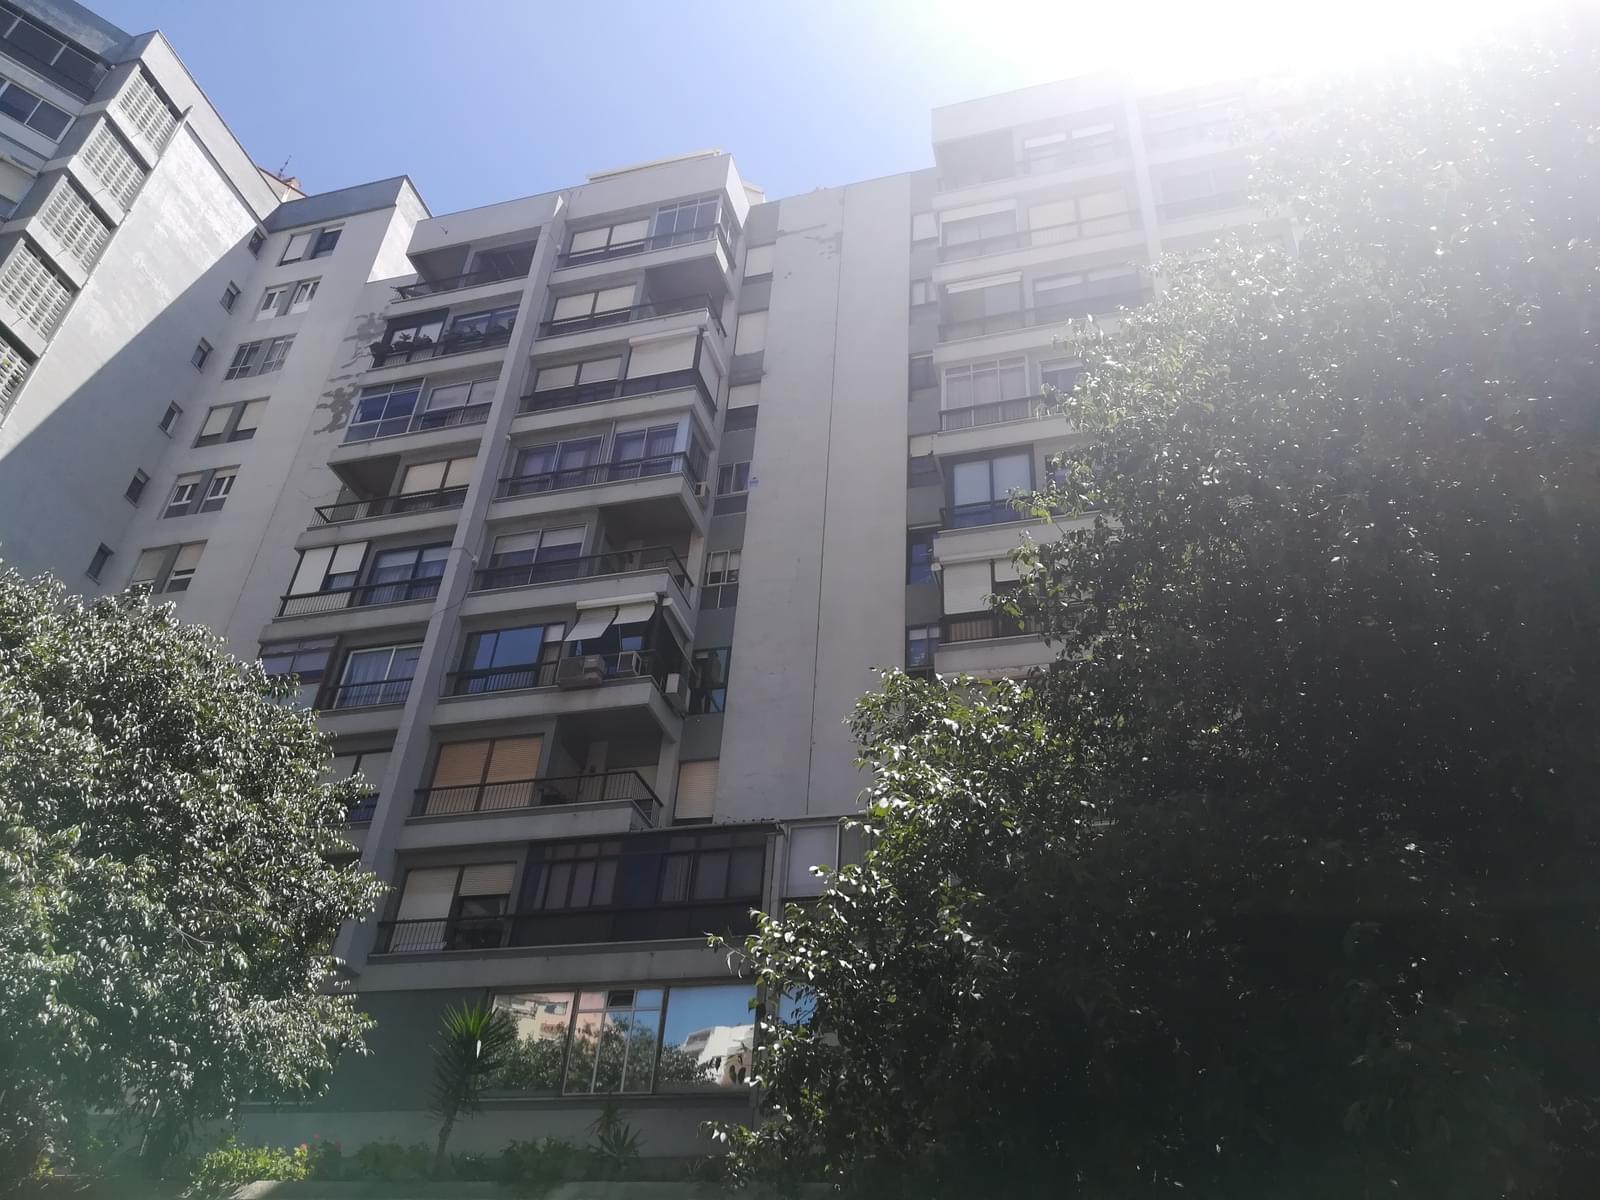 pf17568-apartamento-t3-oeiras-a709b108-0a99-4921-a053-3c2263ed2acc